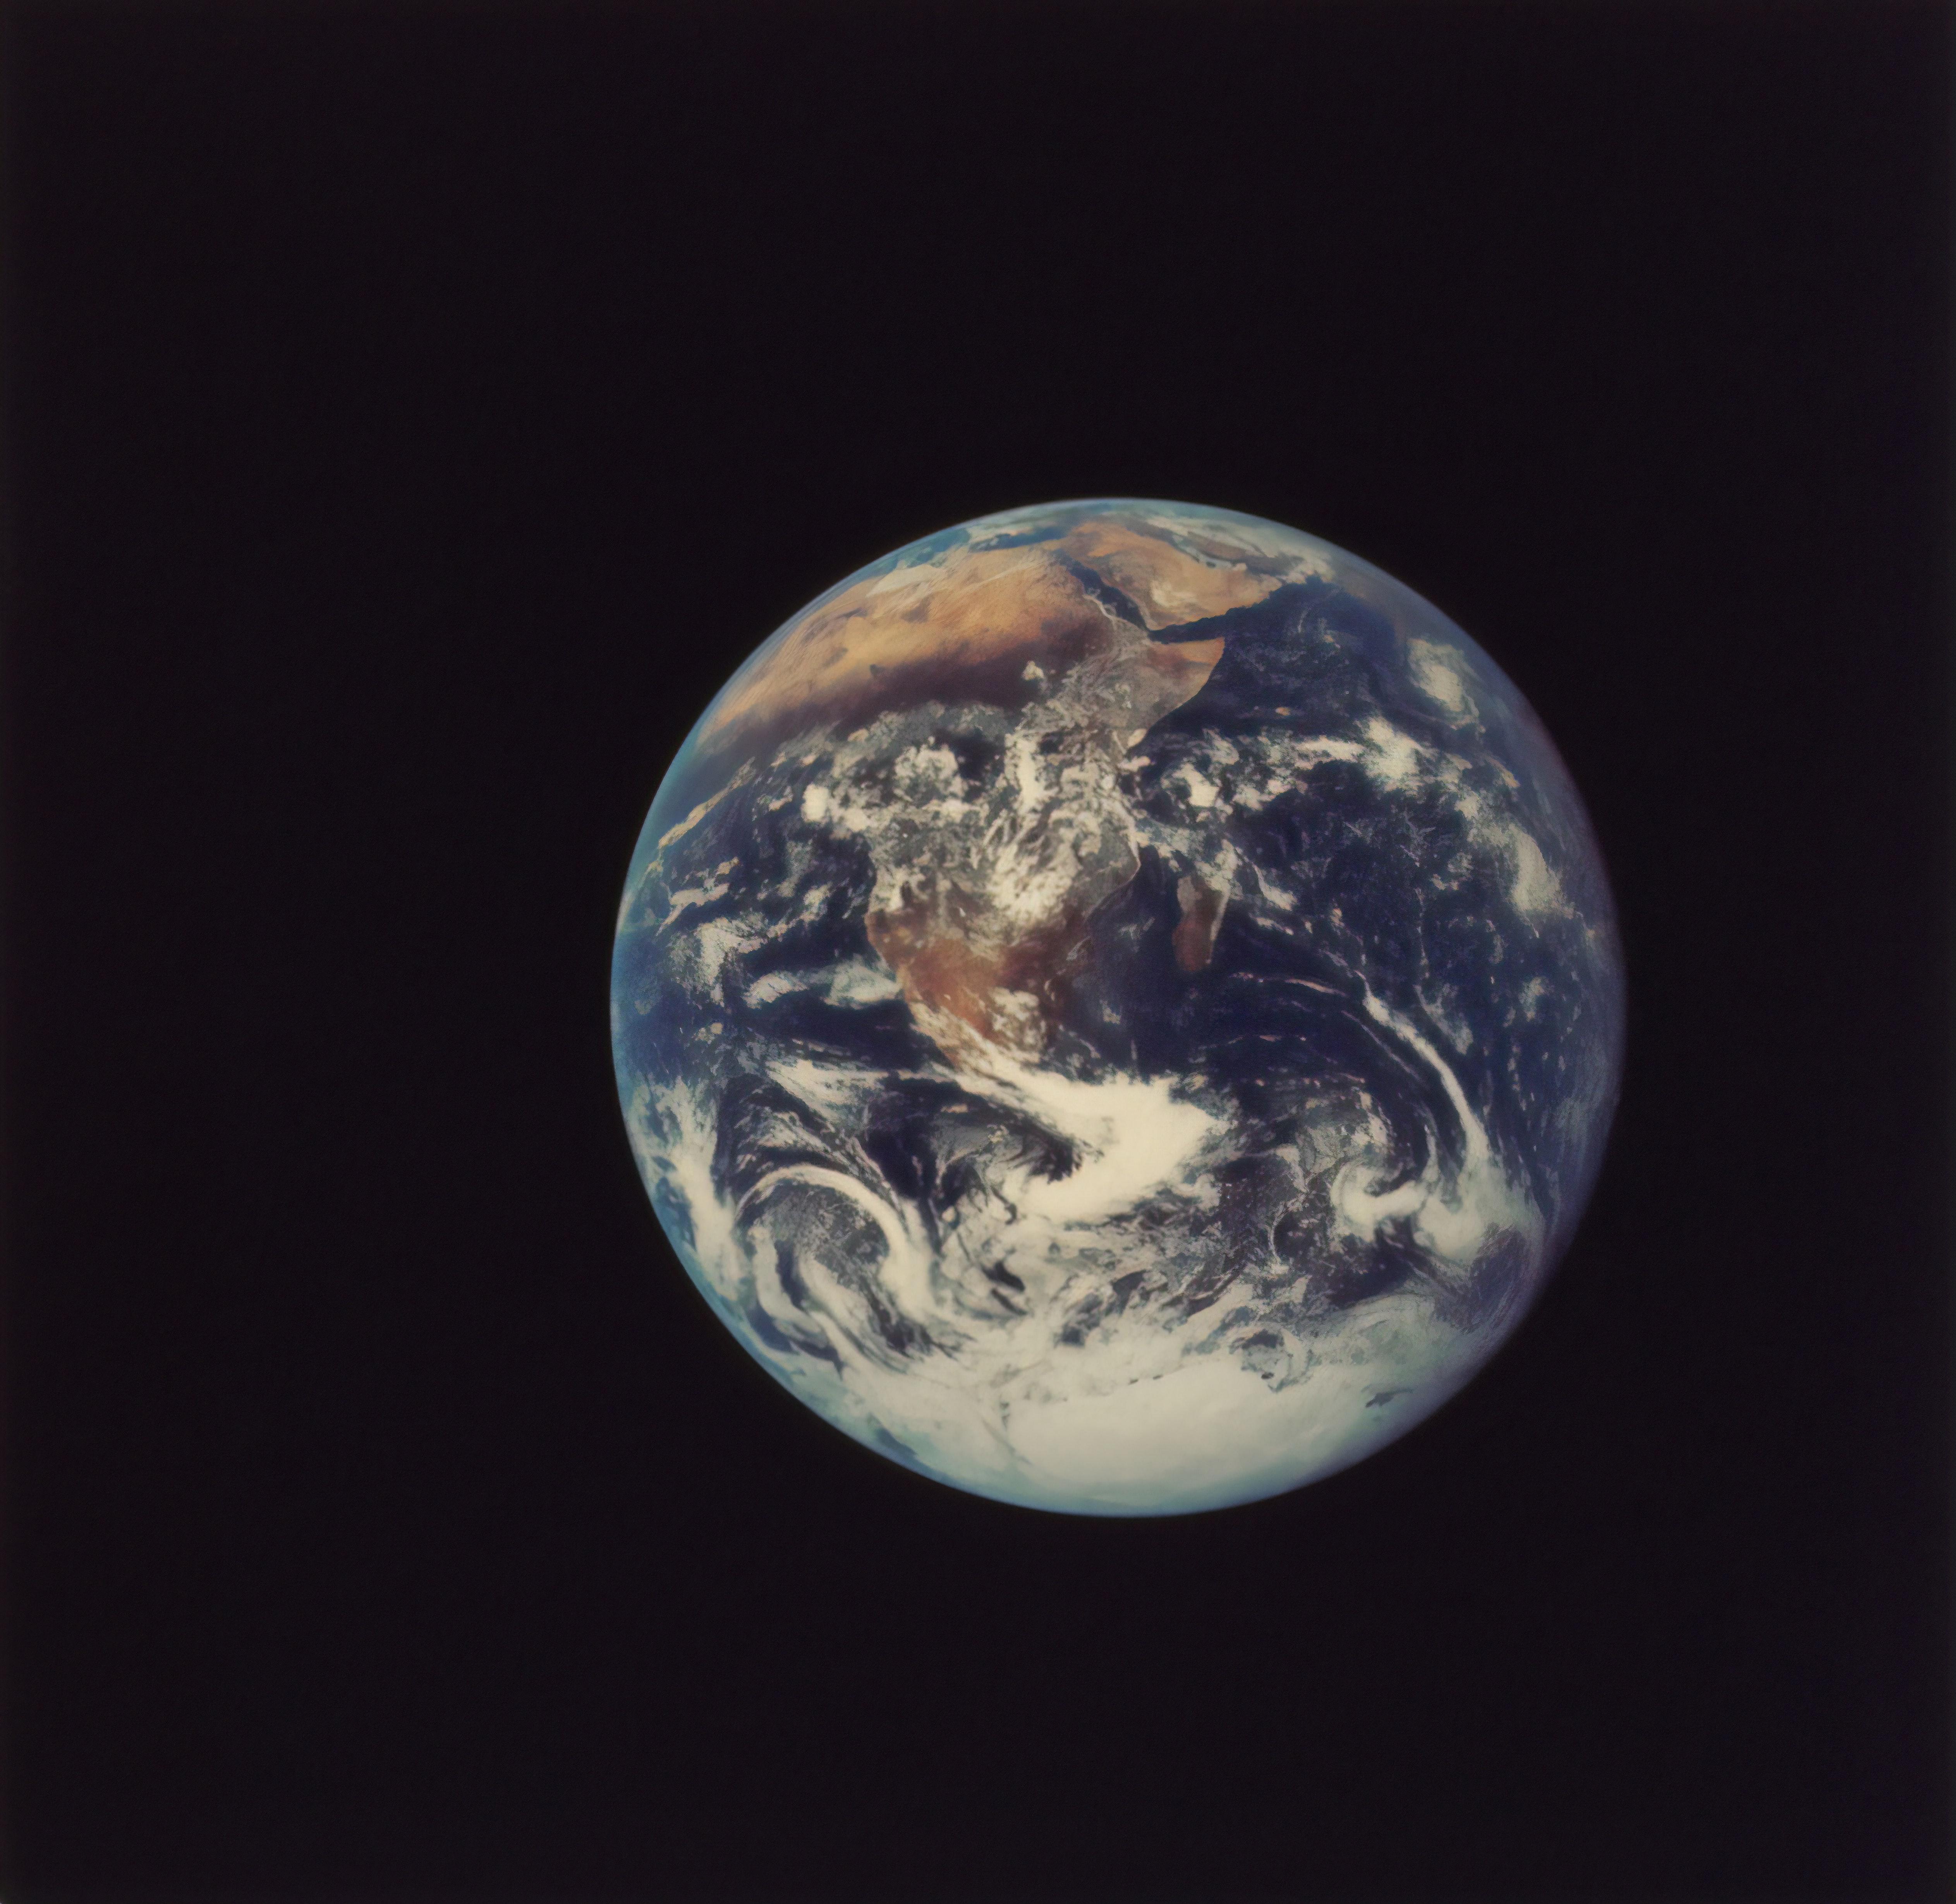 ケーススタディ:Planet